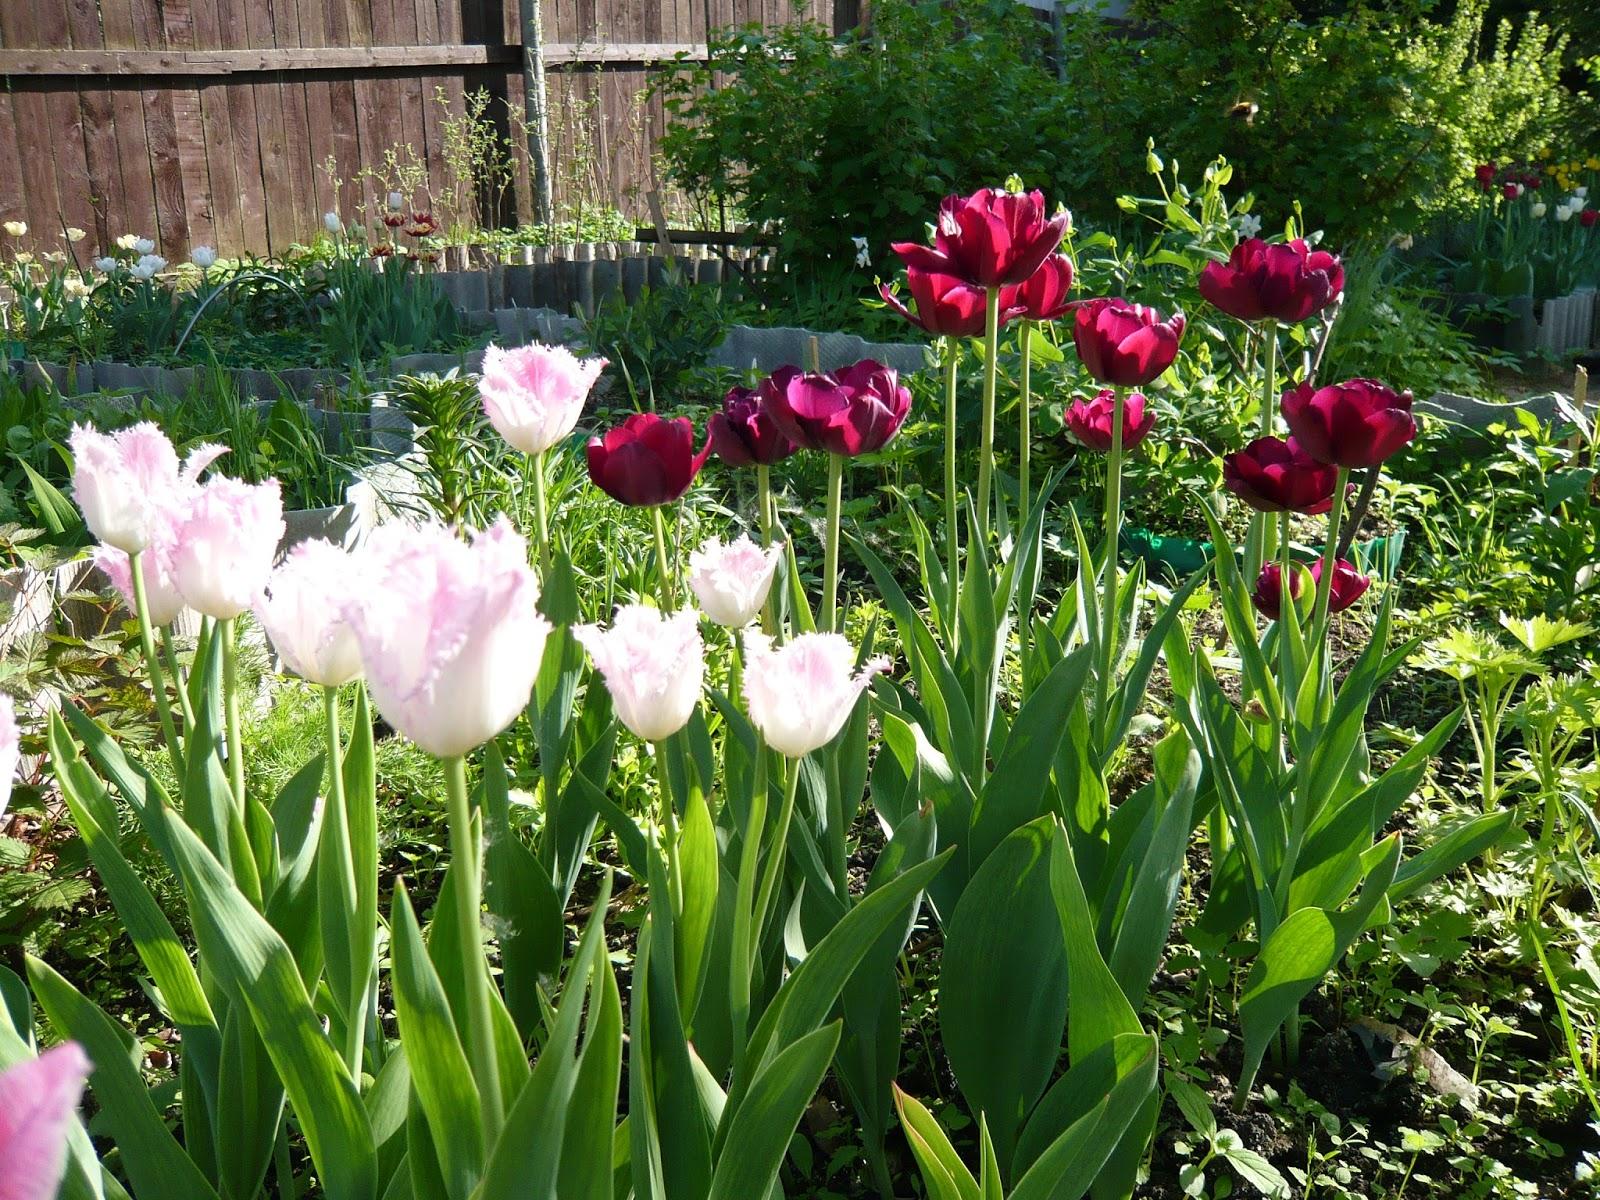 Посадка тюльпанов осенью в Подмосковье: время, сроки, правила 70